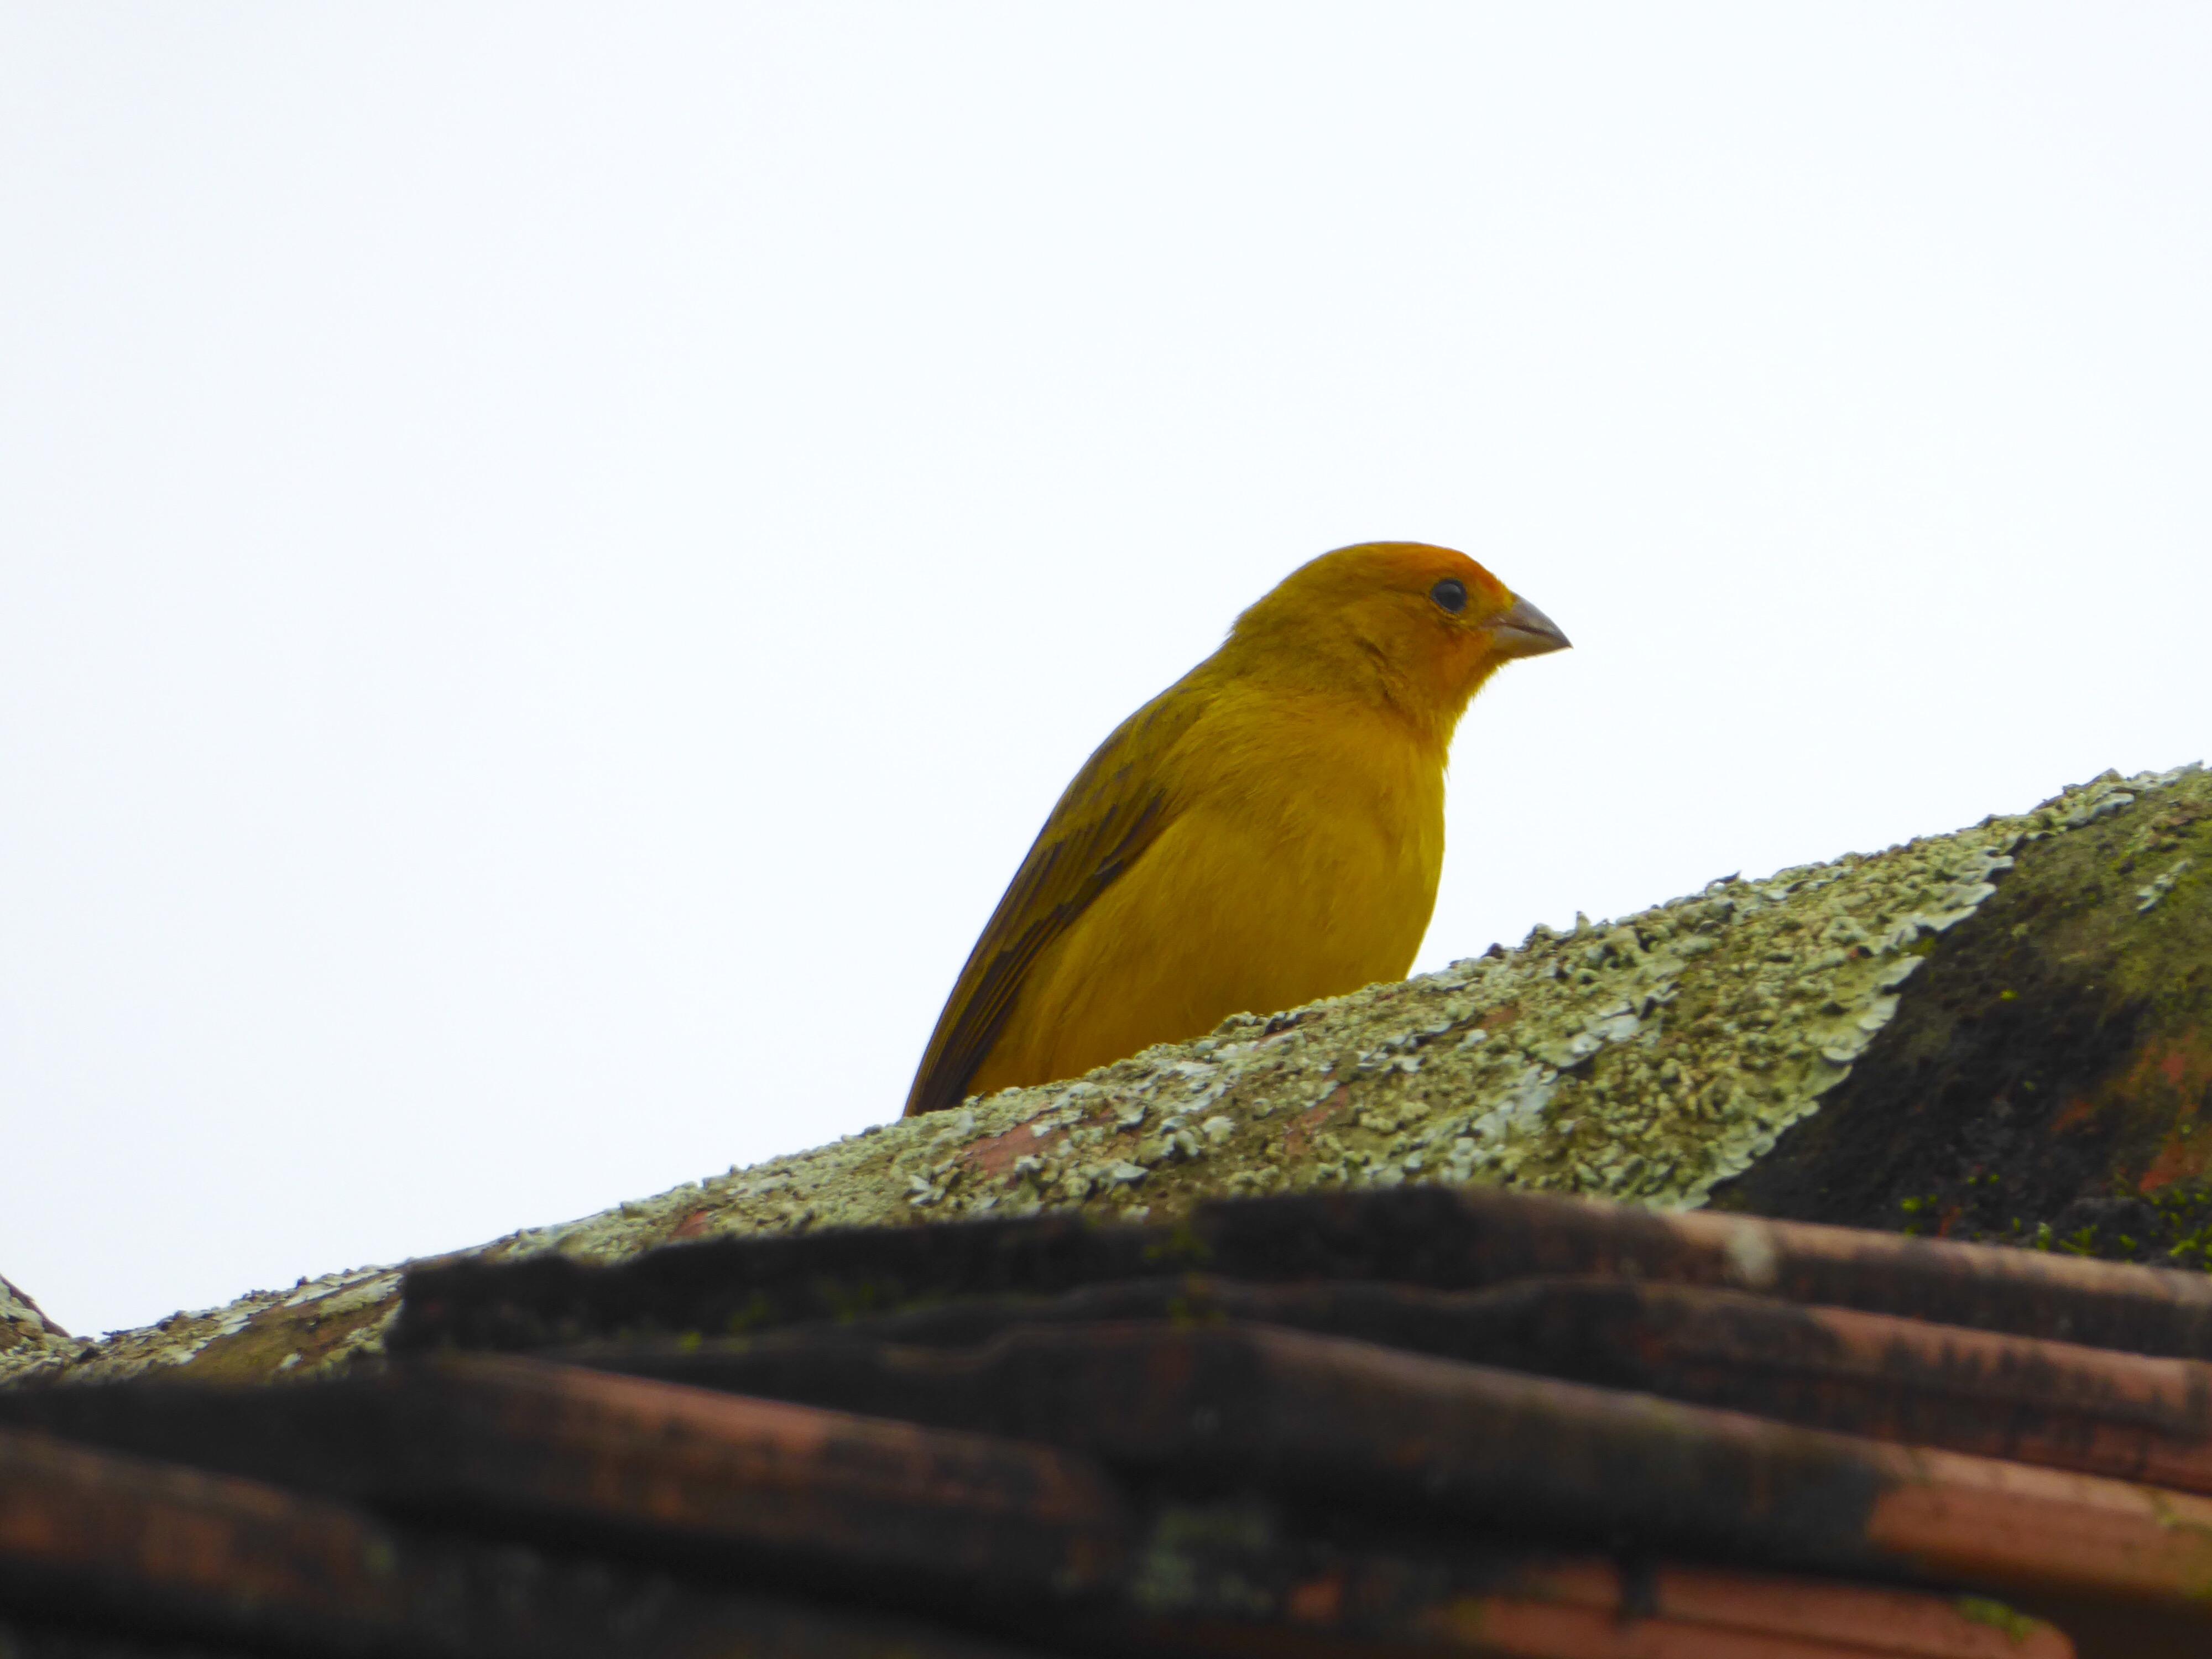 En kanariefugl